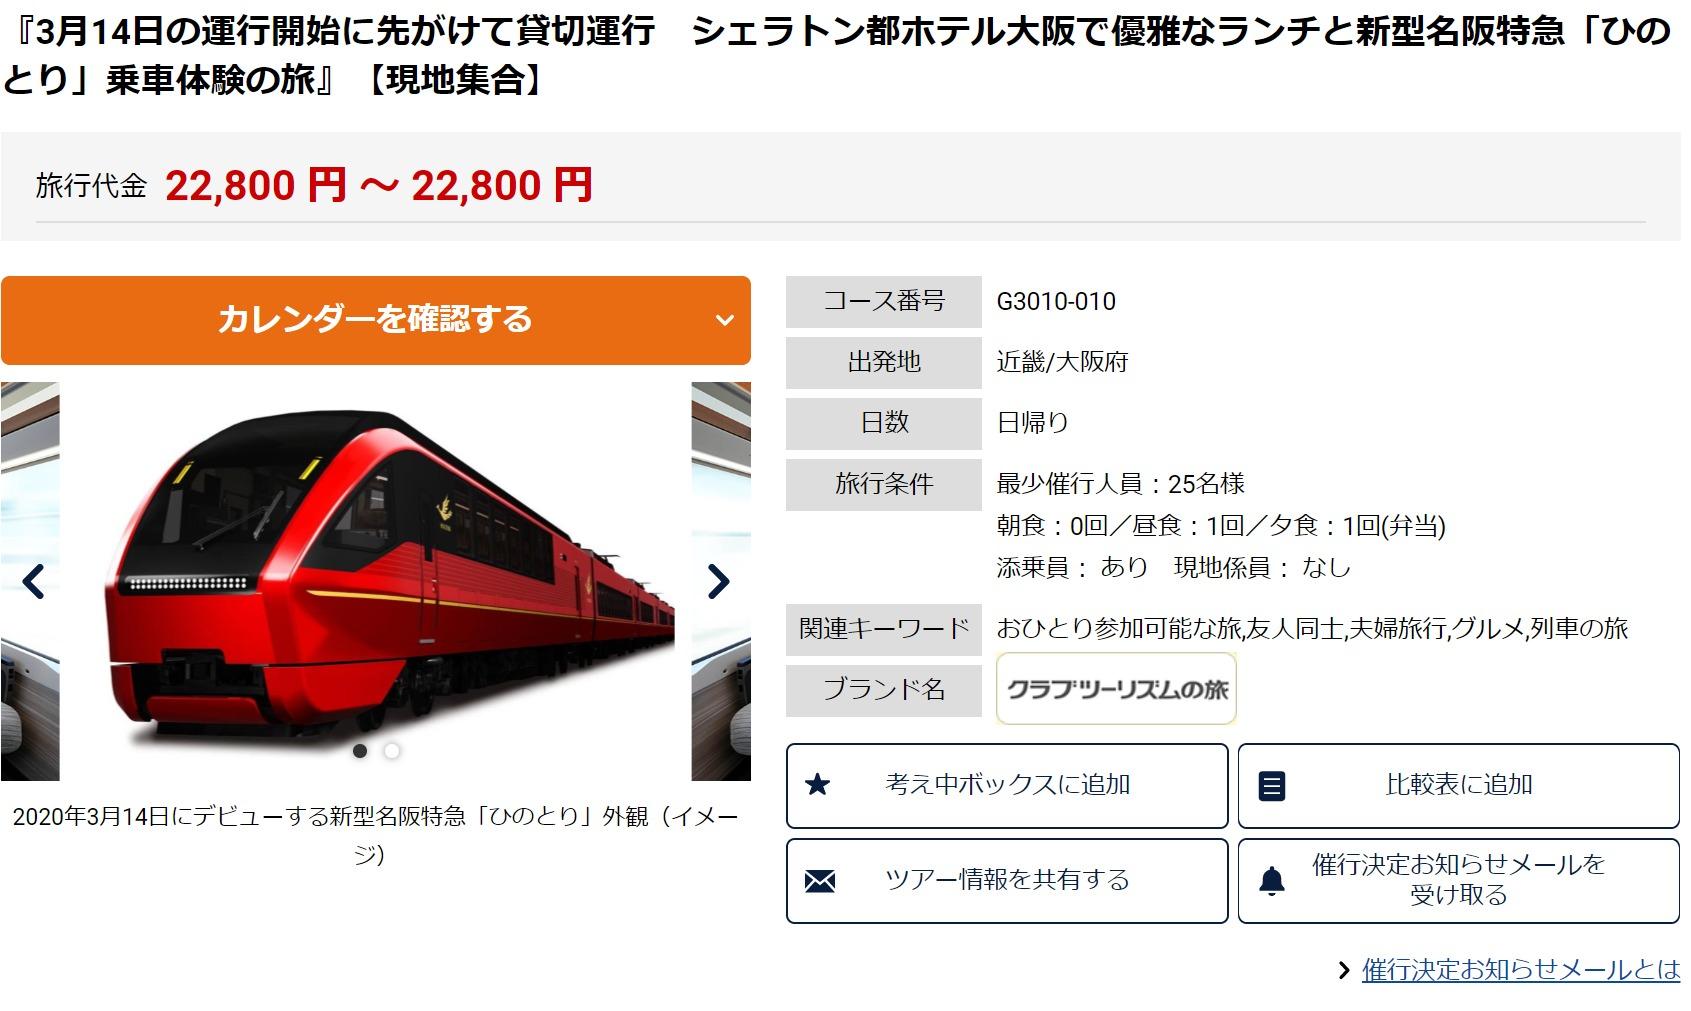 【クラブツーリズム】3月14日の運行開始より一足早く新型名阪特急「ひのとり」に乗れる貸切列車の旅行商品発売!2月9日限定